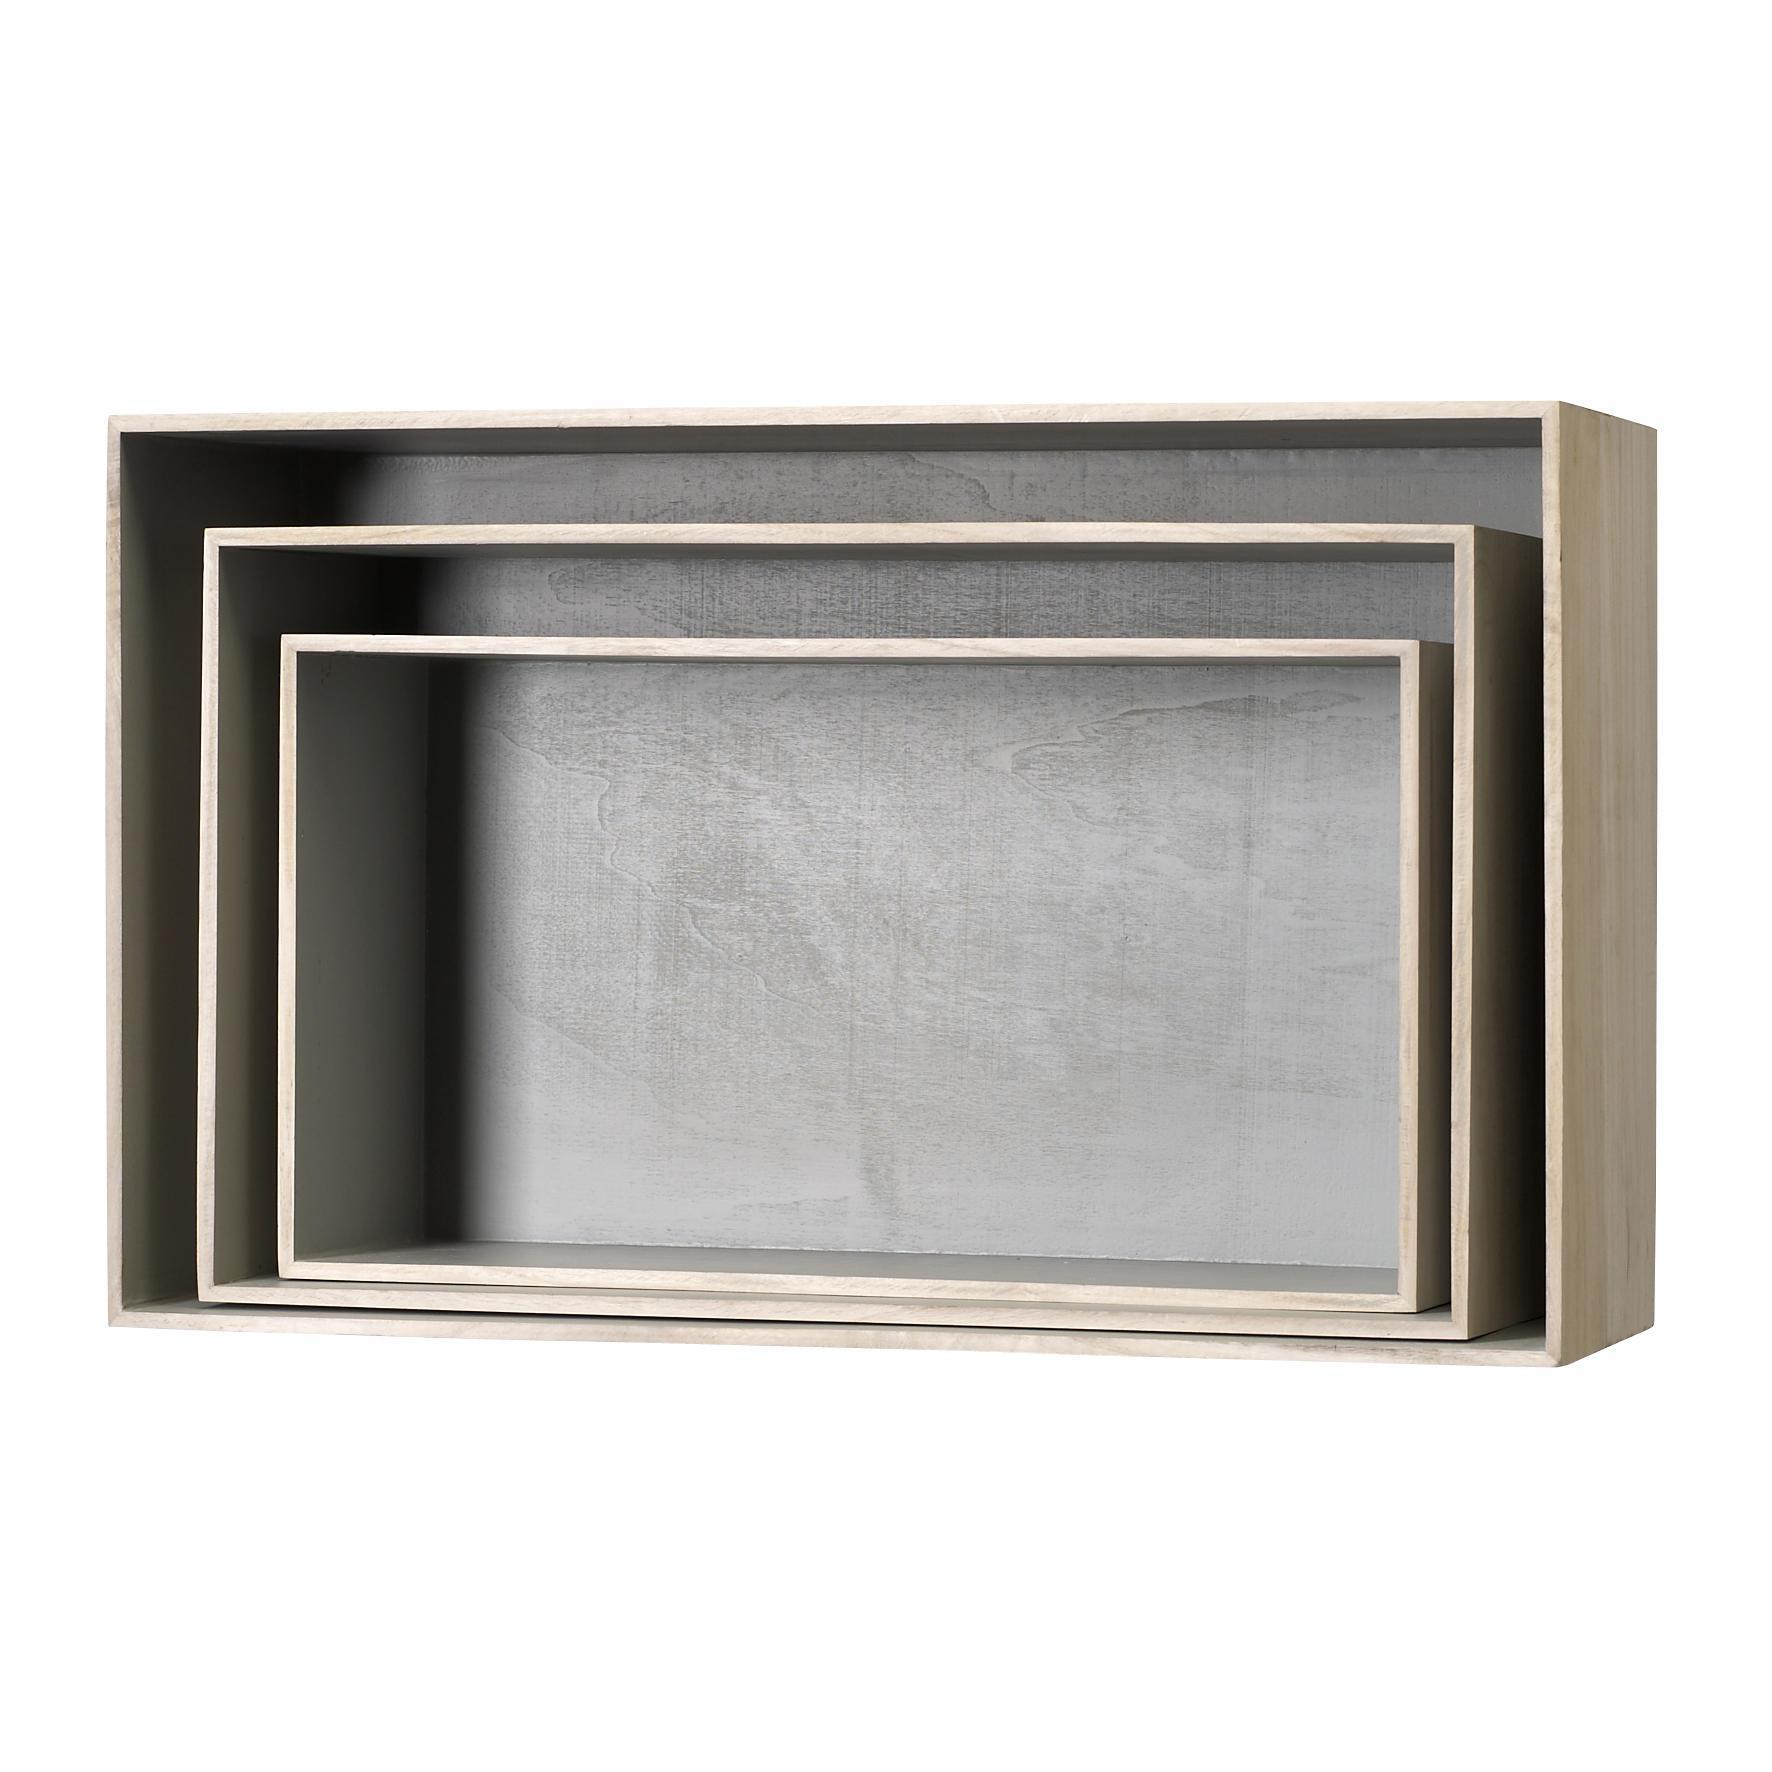 Bloomingville Nástěnné boxy Nature Grey - 3 velikosti Velikost L